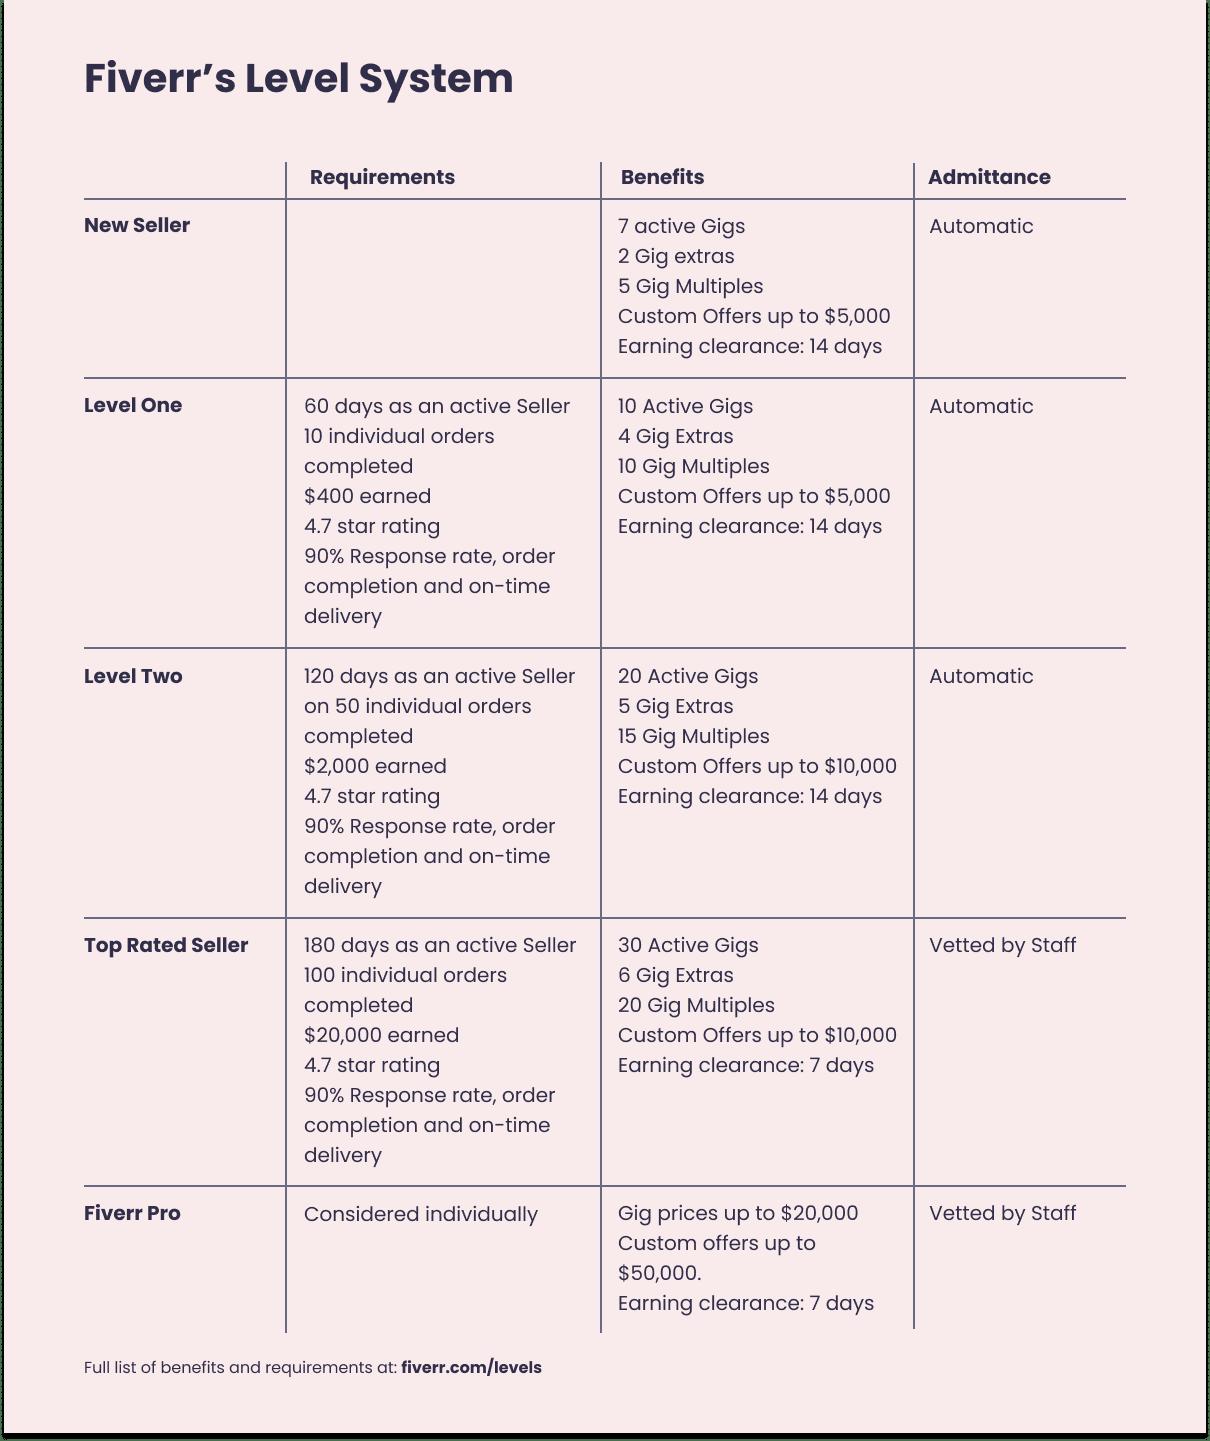 Fiverr level system table comparison